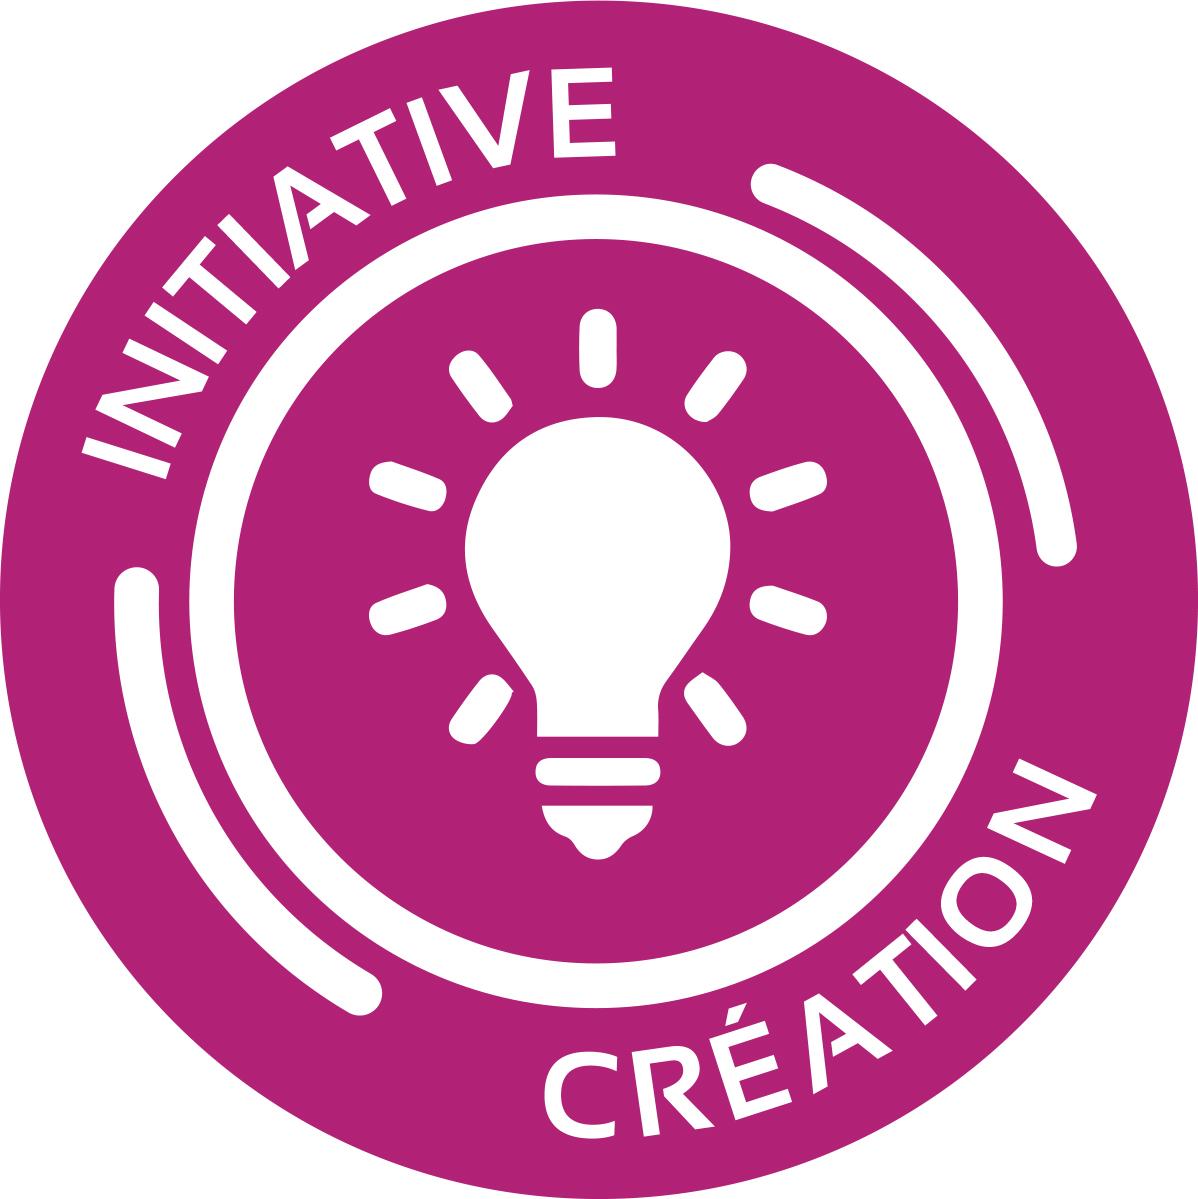 picto création d'entreprise Initiative